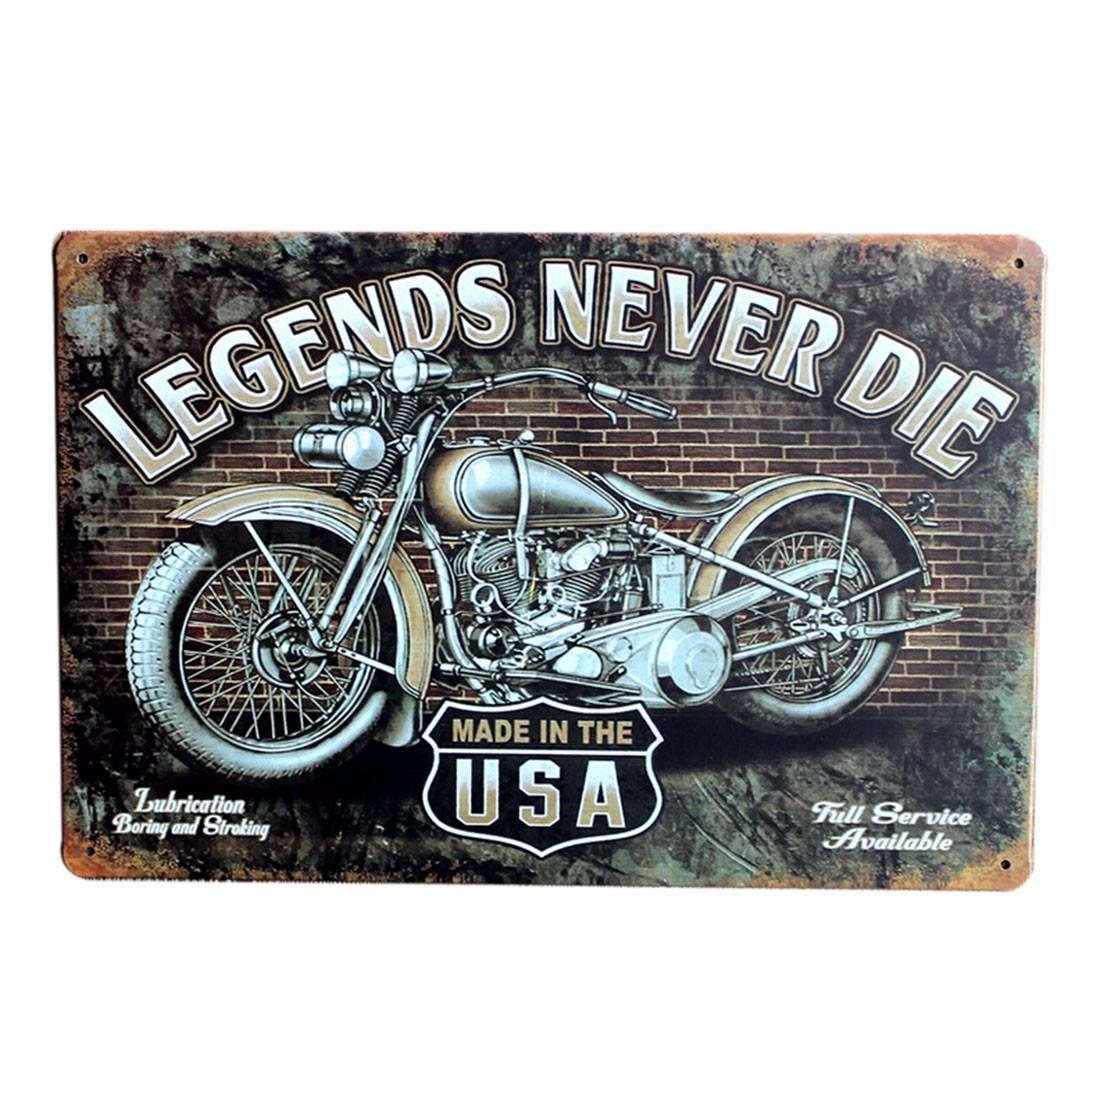 vintage bar pub shop motorcycle metal plaque decorative sign sheet iron poster ebay. Black Bedroom Furniture Sets. Home Design Ideas